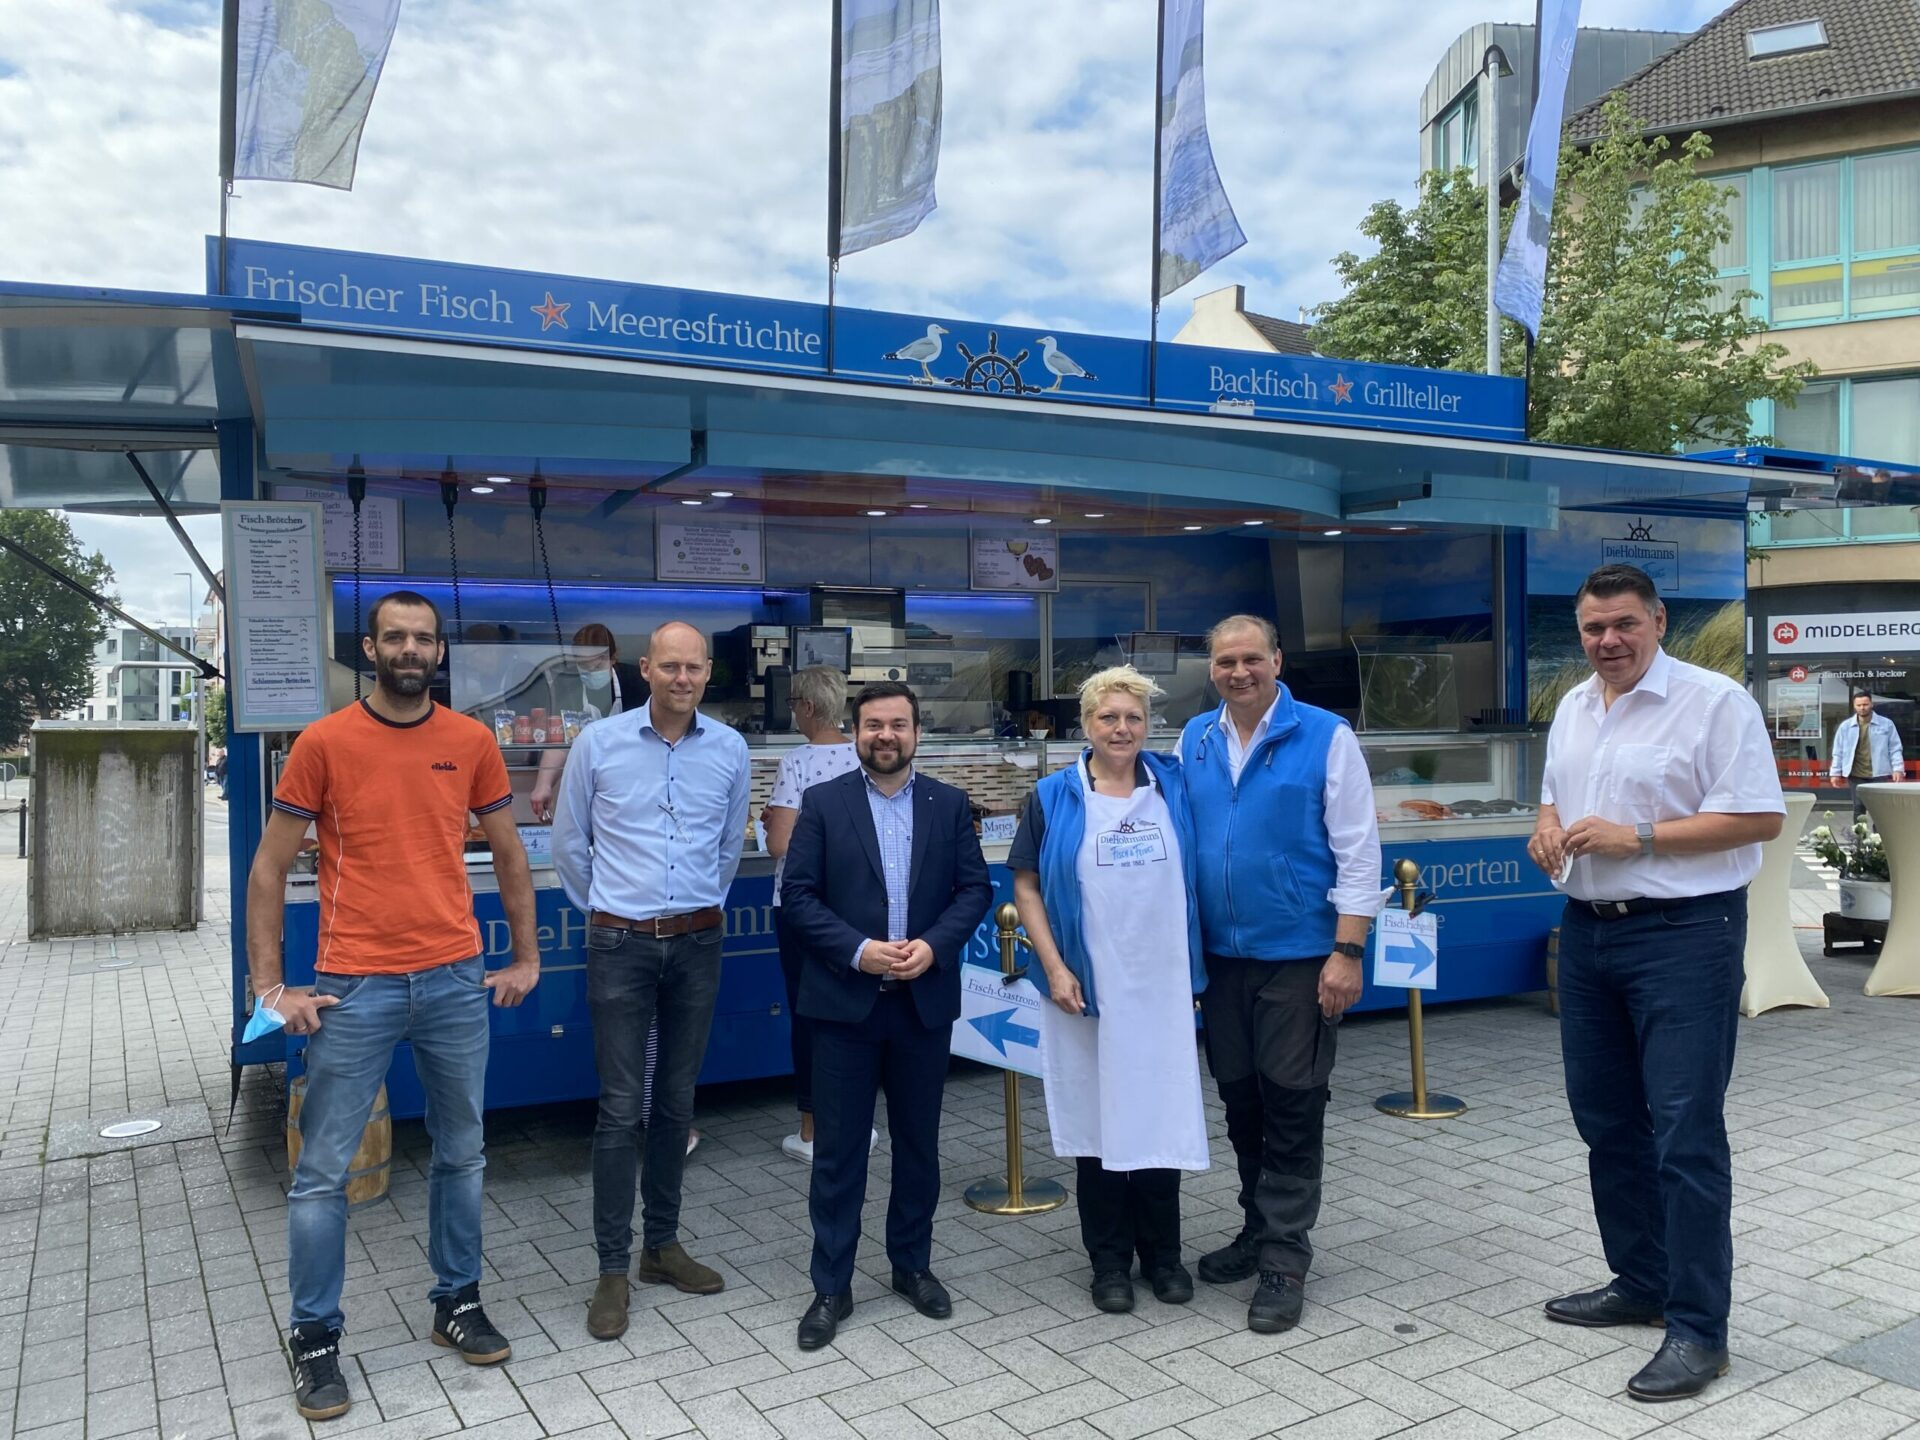 Neues mobiles Fischgeschäft und Restaurant auf dem Werner-Steinem-Platz